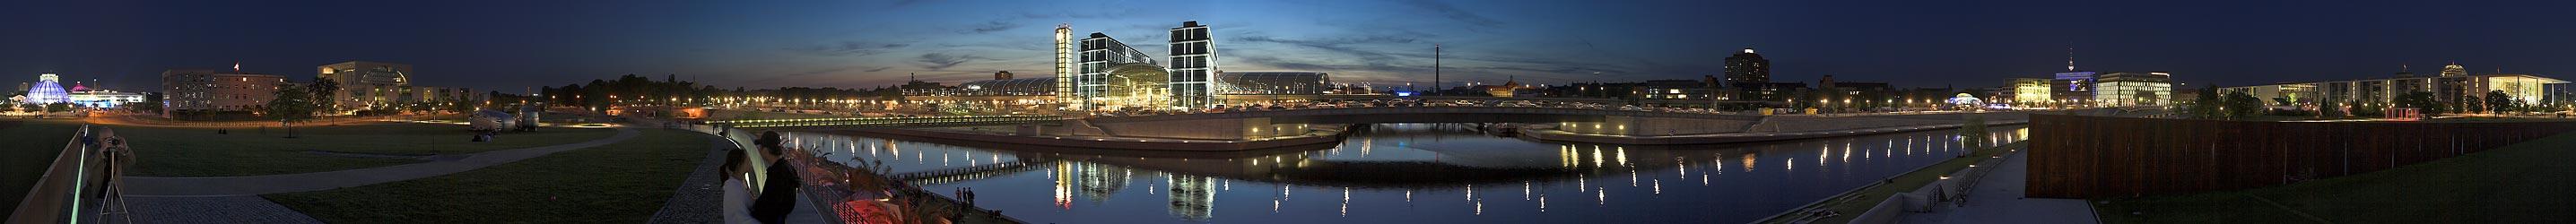 Hauptbahnhof und Regierungsviertel von der Spreebogenwiese aus